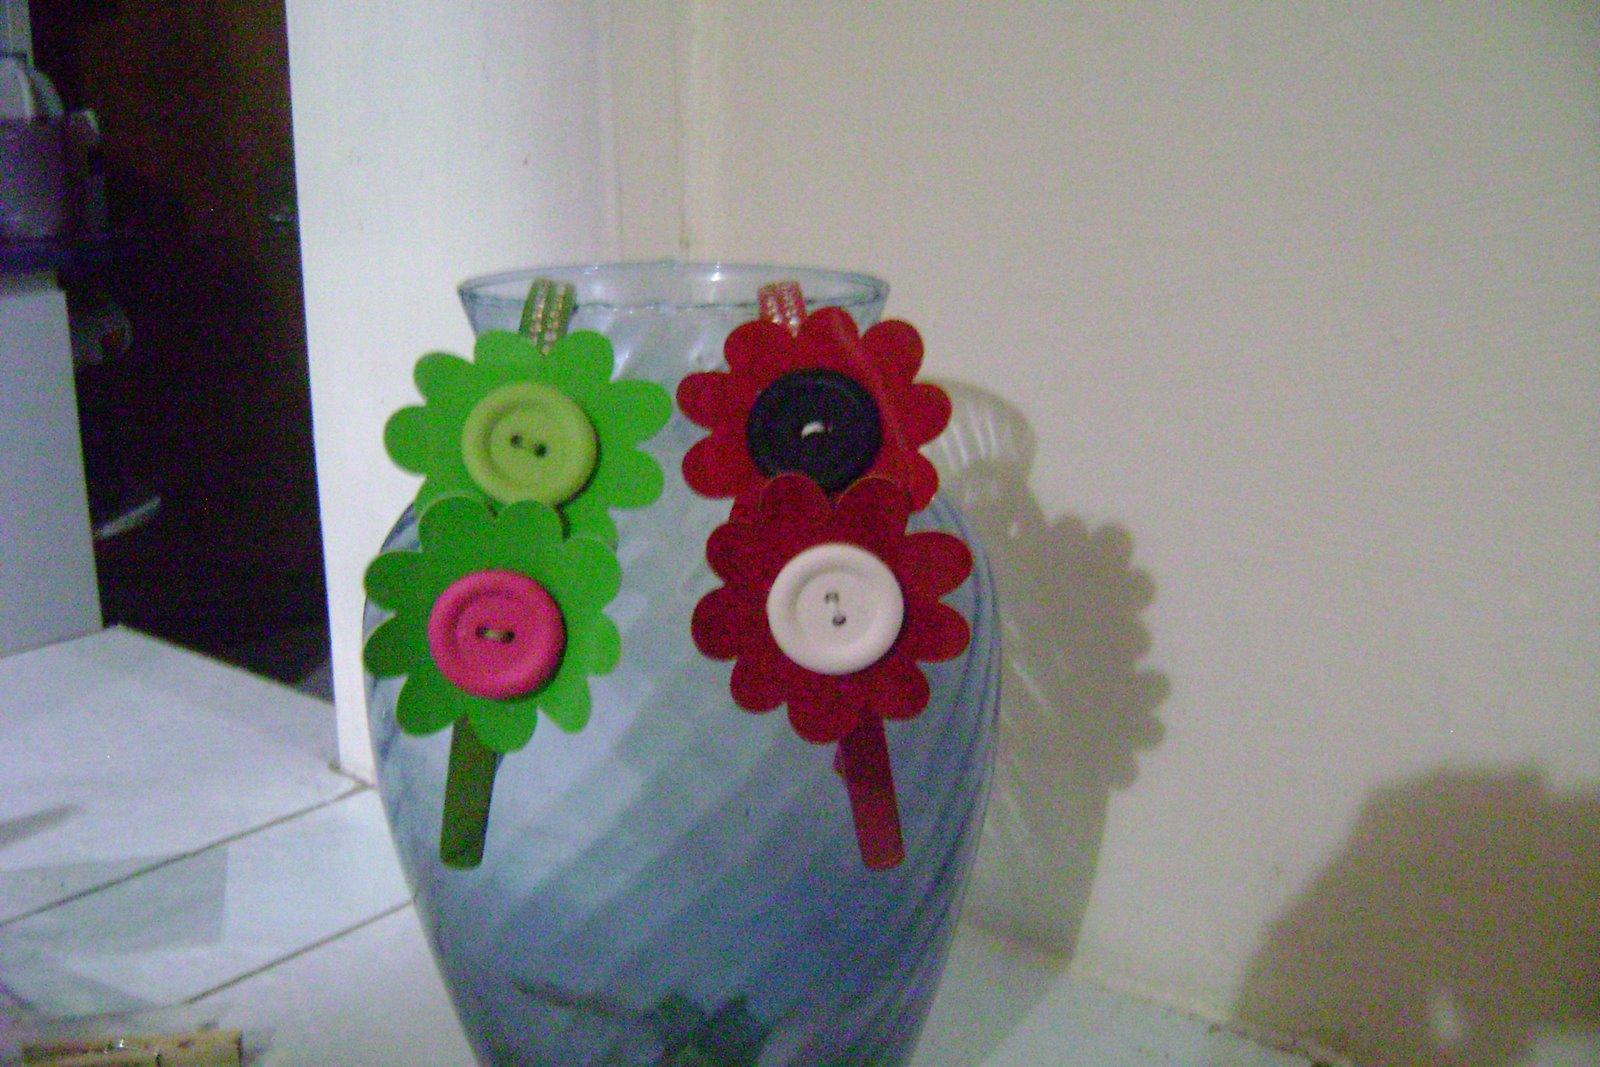 Cintillos decorados con flores de vinil y botones